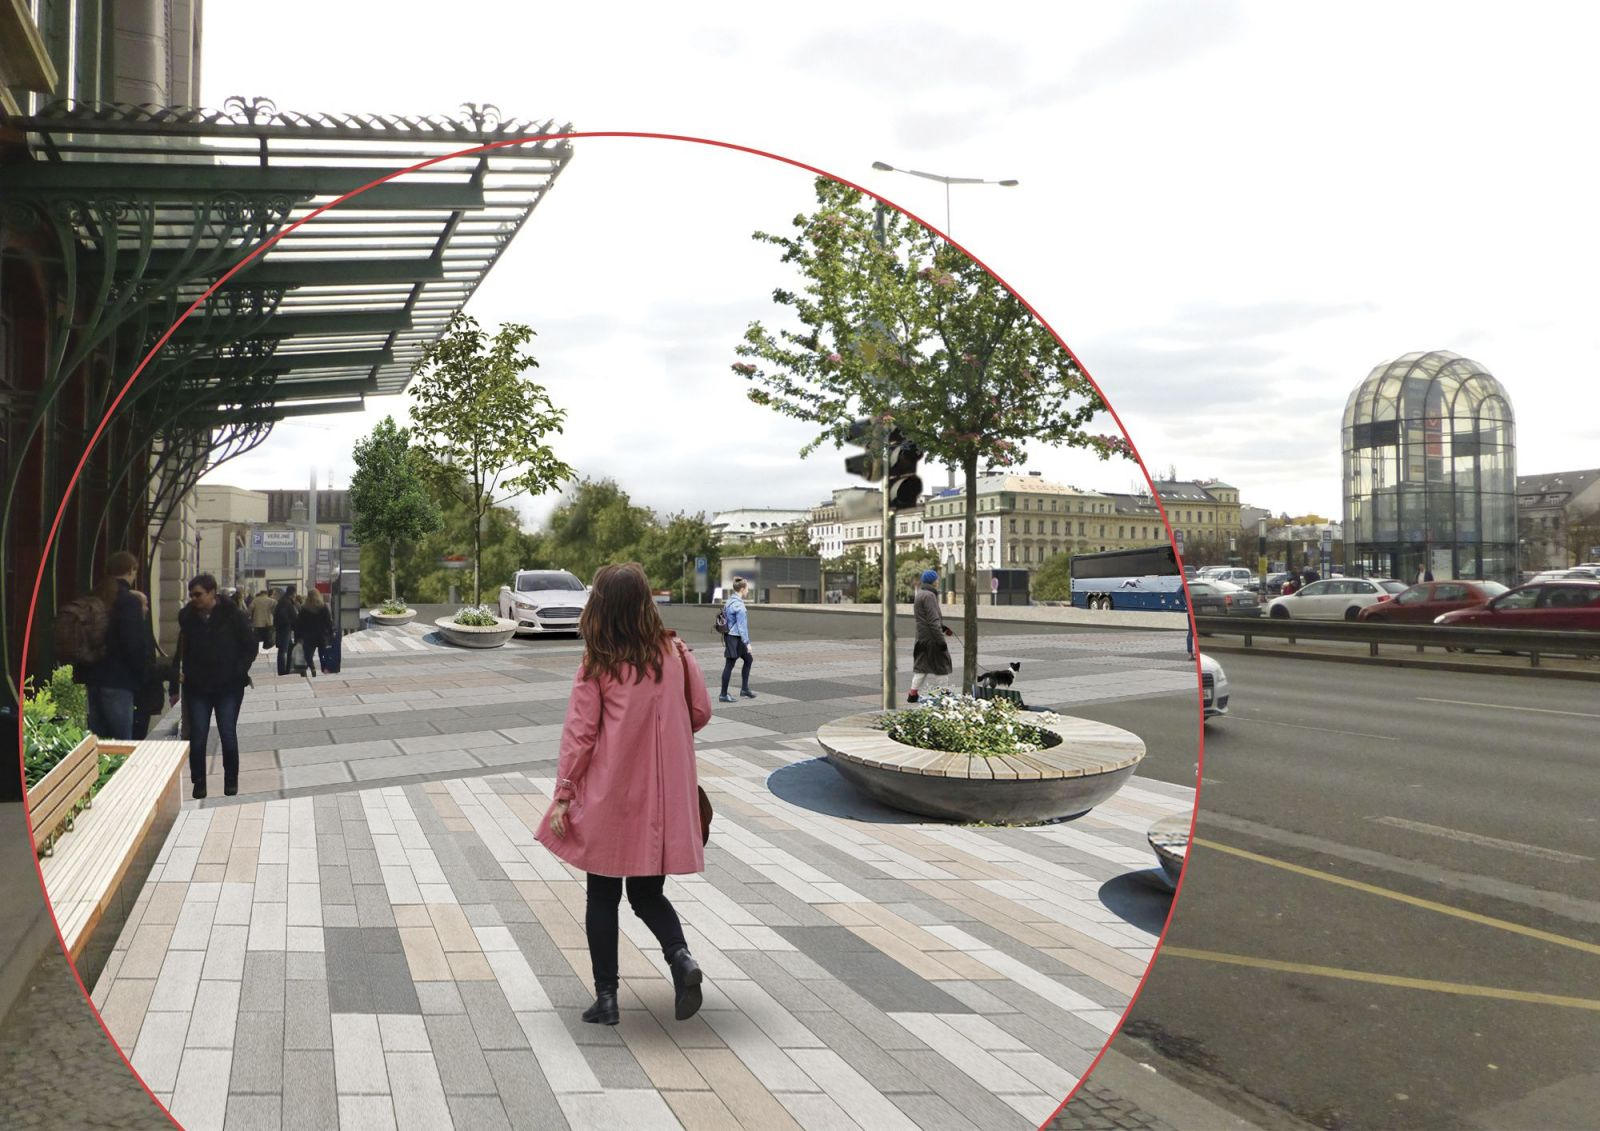 Fantova budova. Mezi stáním autobusů naproti nádraží a Fantovou budovou by v dlouhodobém horizontu mohl vzniknout pohodlný přechod, který by umožnil architektonický skvost obdivovat i z odstupu.